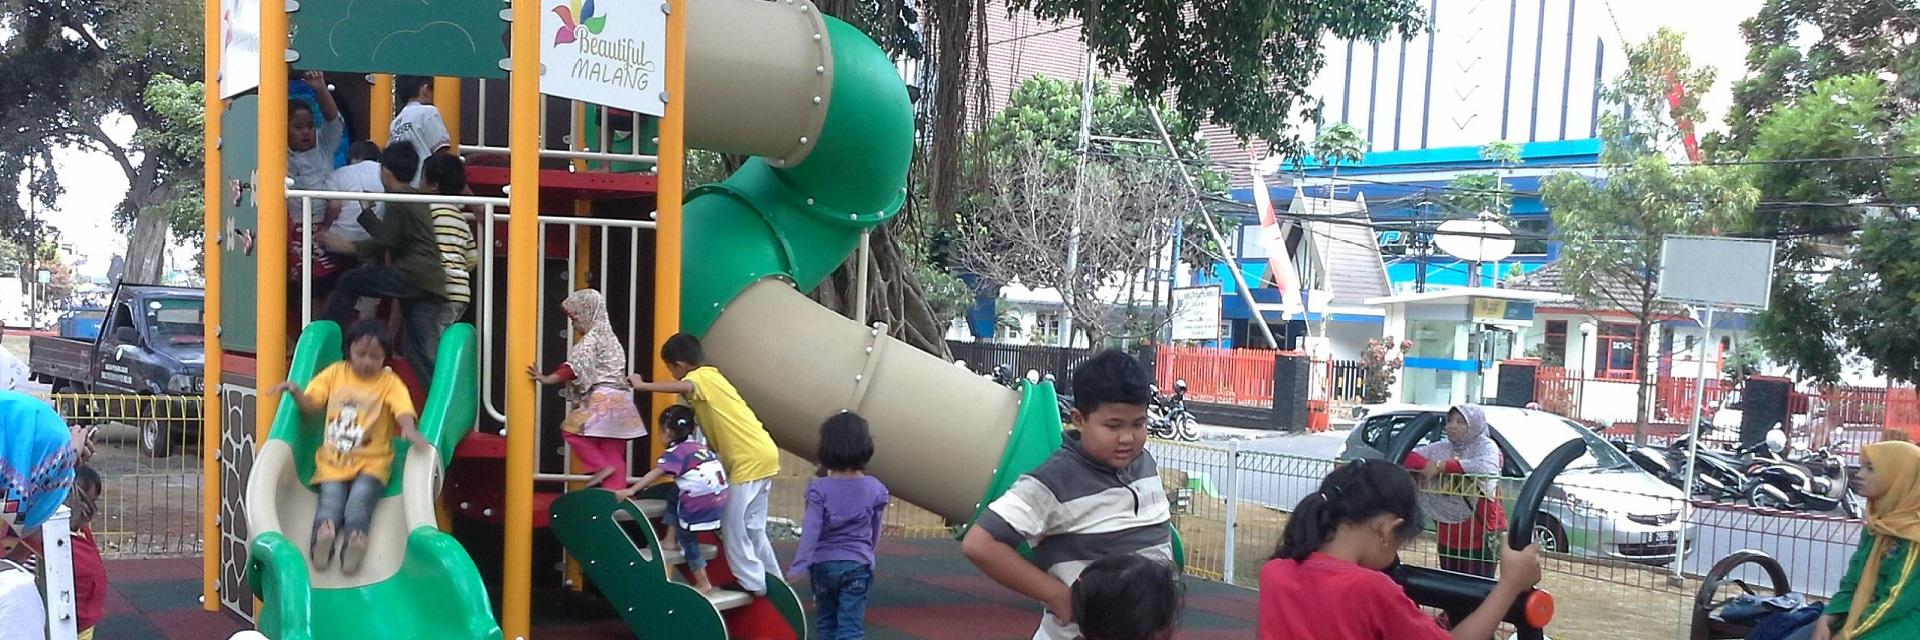 7 Destinasi Wisata Keluarga Yang Edukatif Di Malang Raya